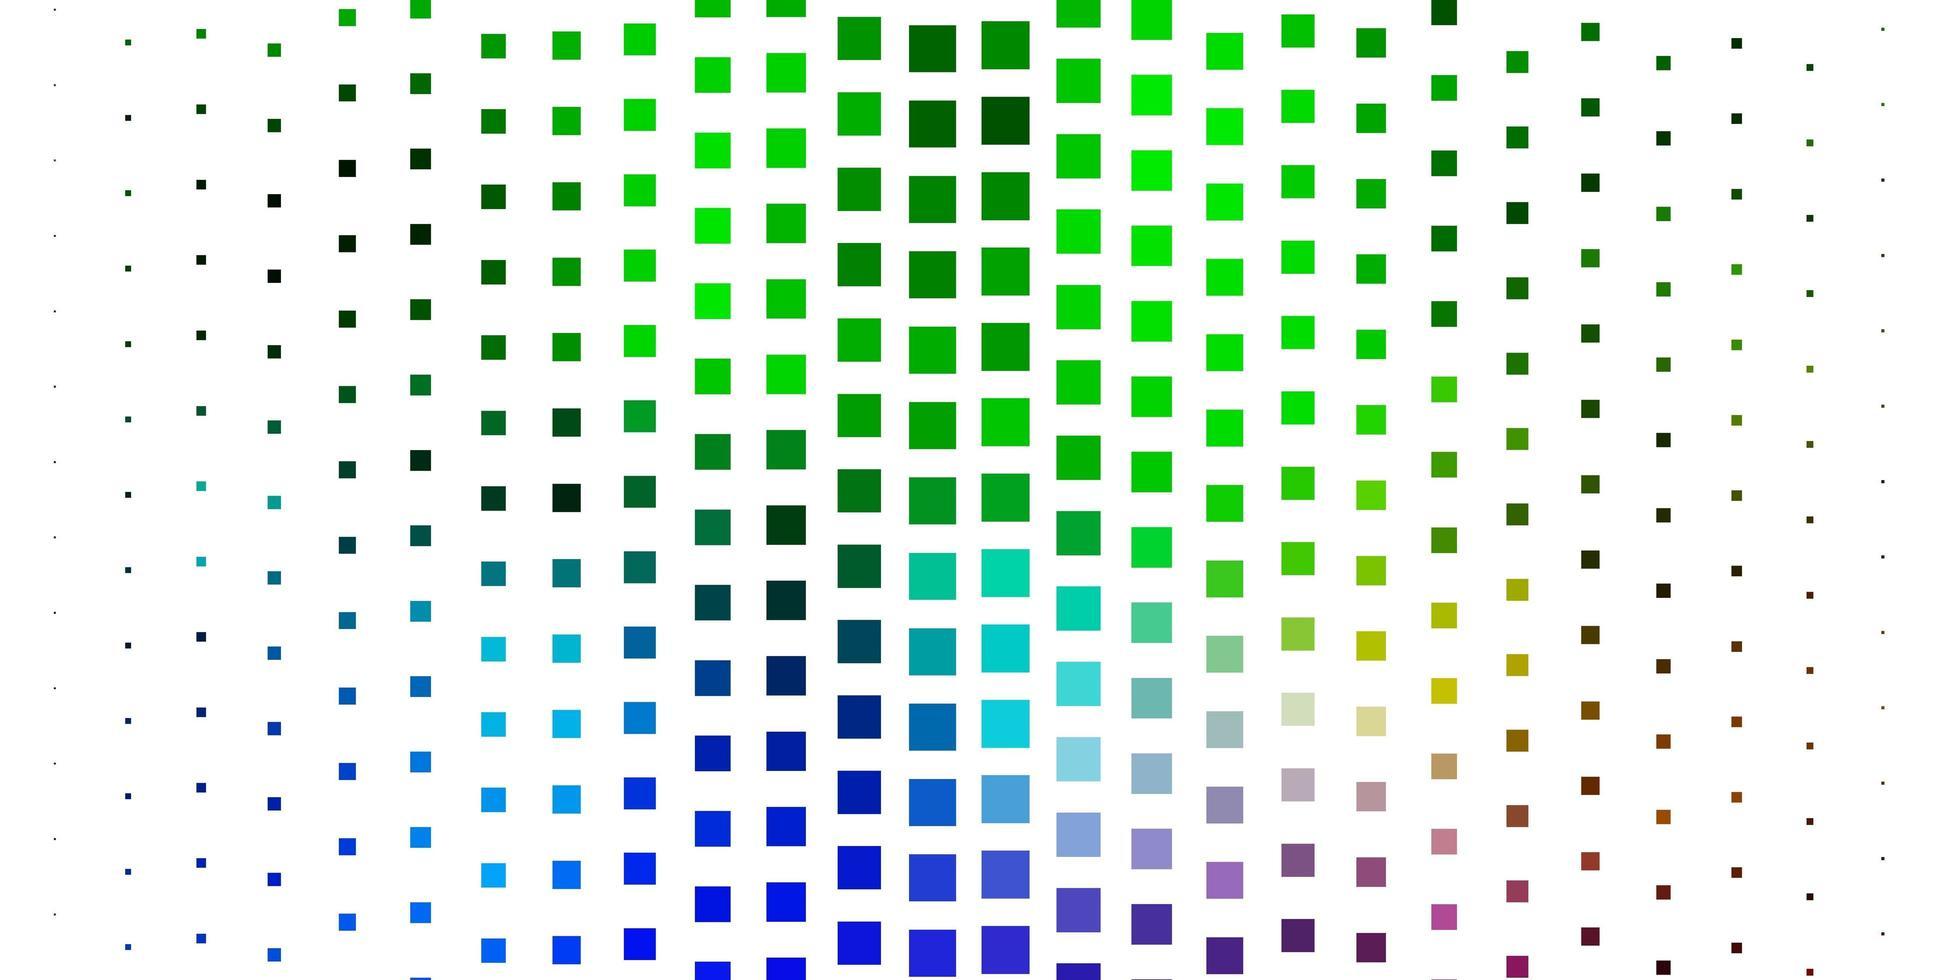 modelo de vetor multicolor de luz em retângulos.